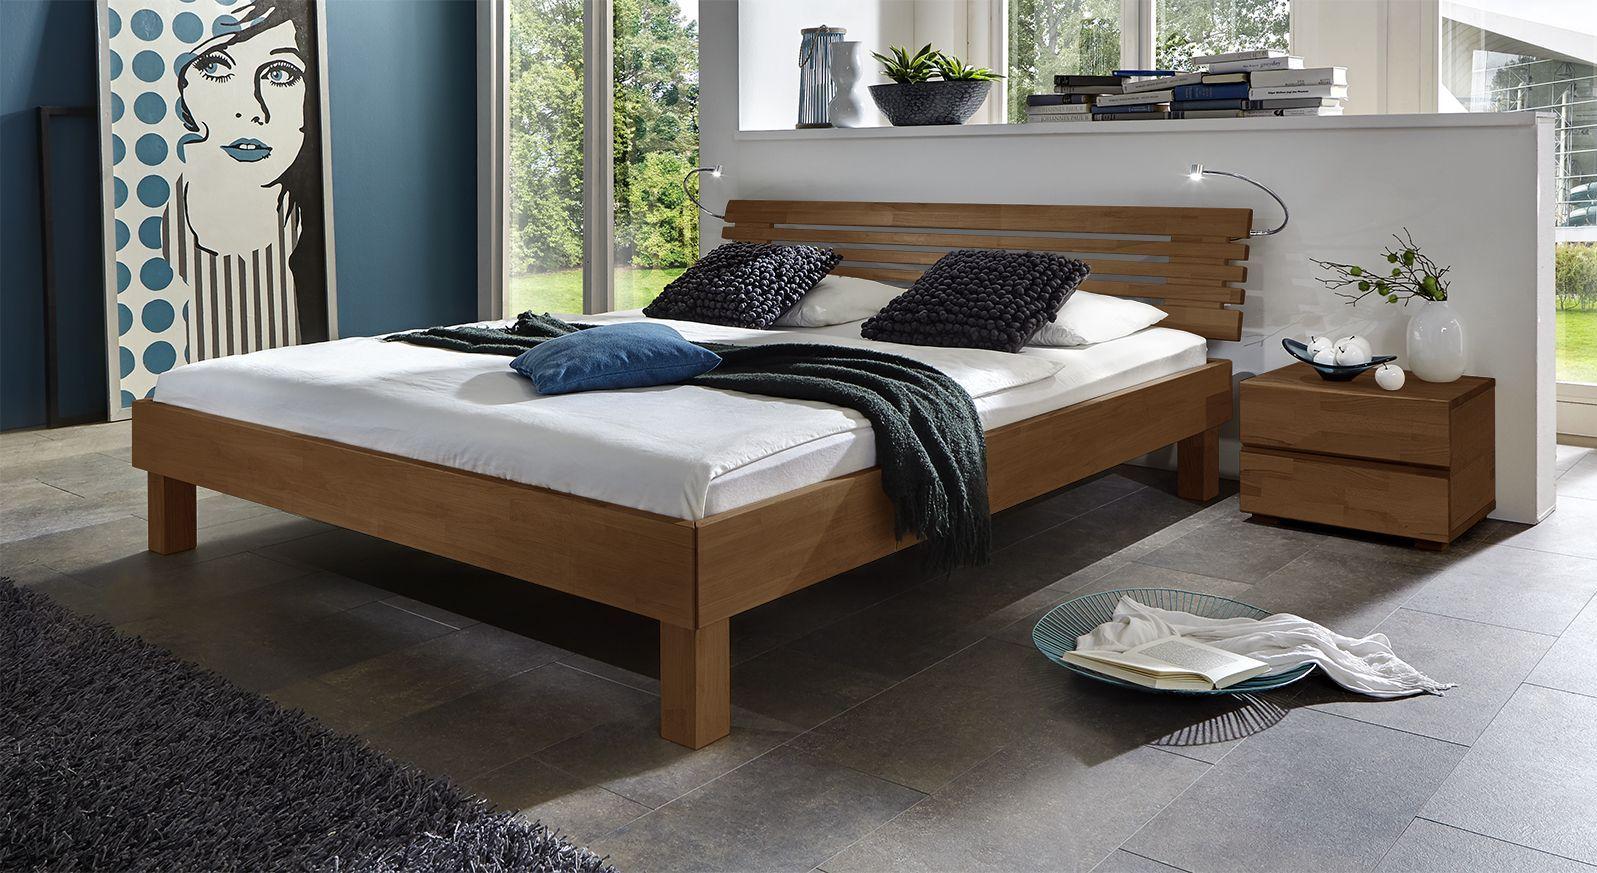 Doppelbett Livenza aus massivem Buchenholz nussbaumfarben